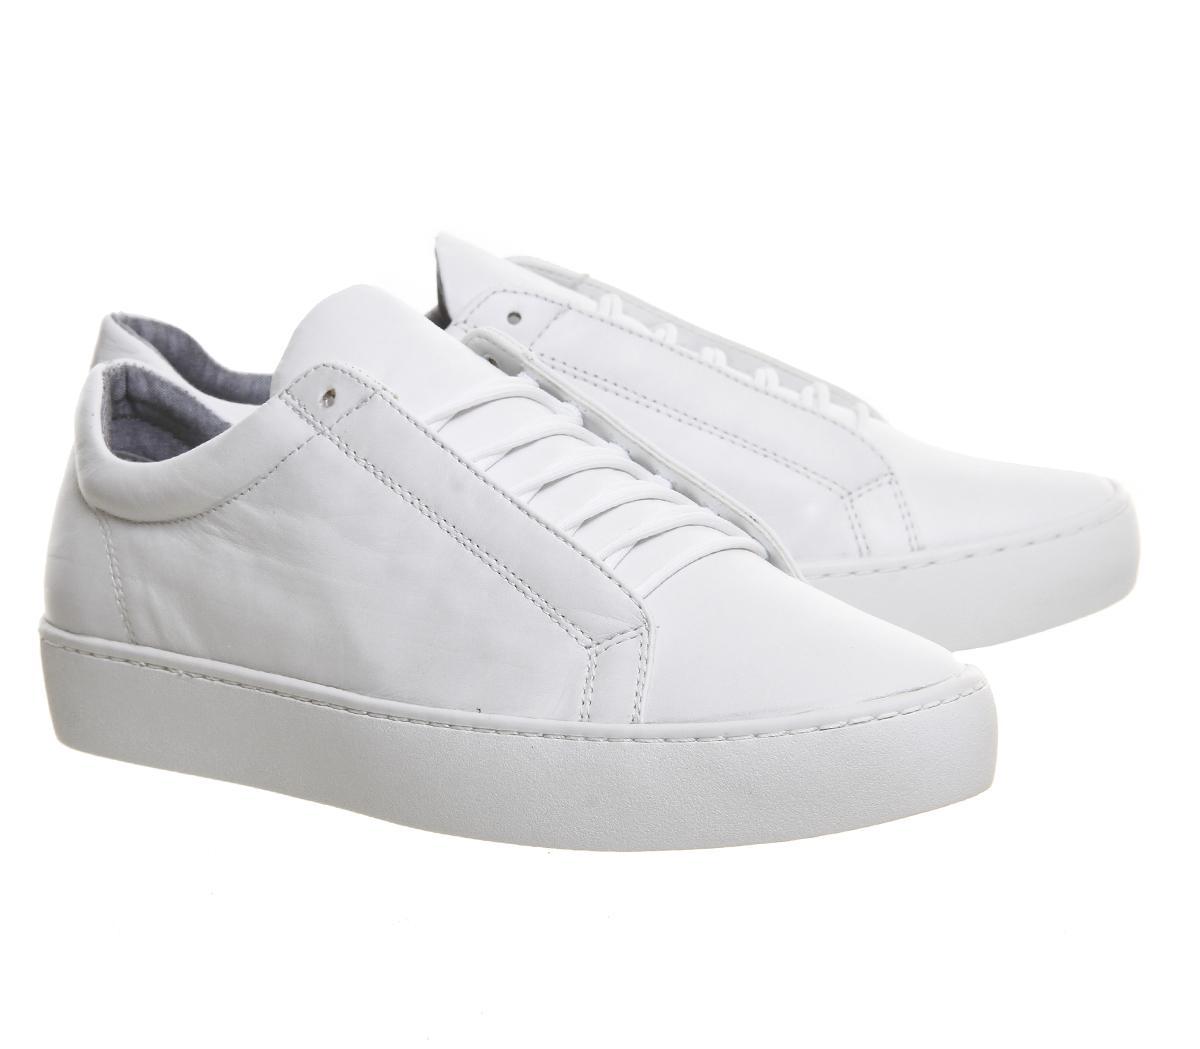 de9d3a77c339dc Lyst - Vagabond Zoe Lace Sneaker in White